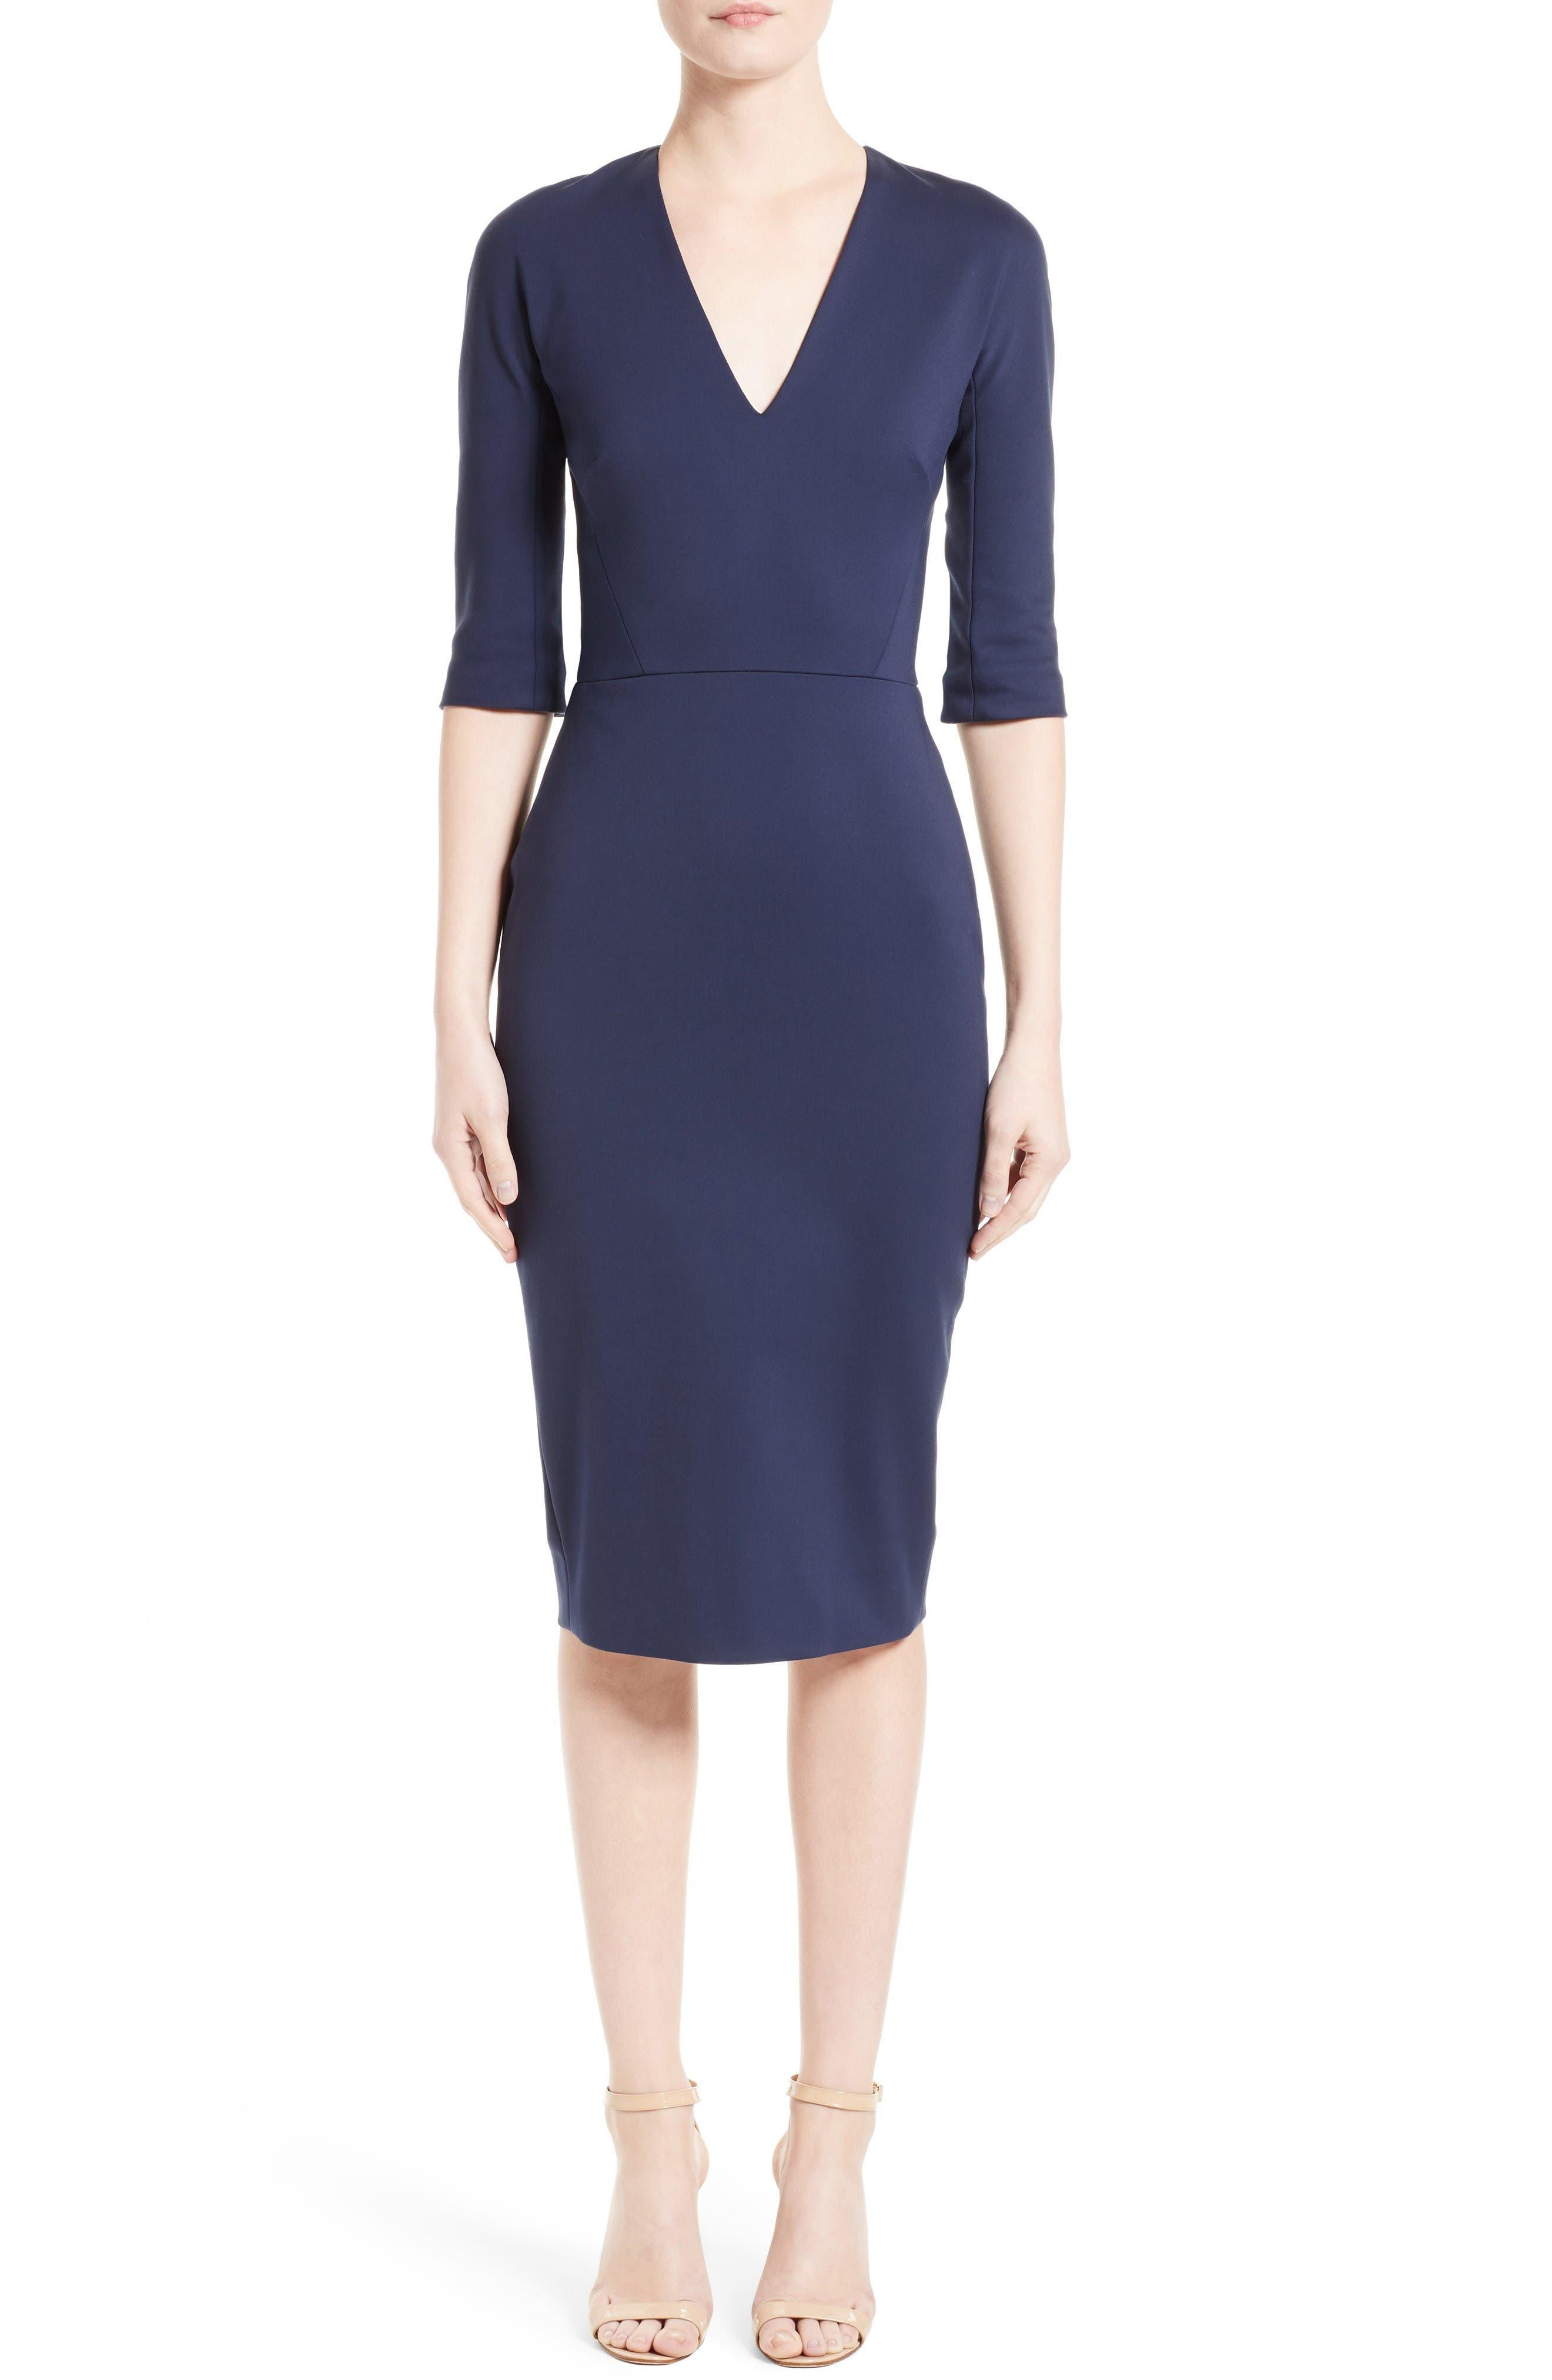 Victoria Beckham Cotton Blend Sheath Dress